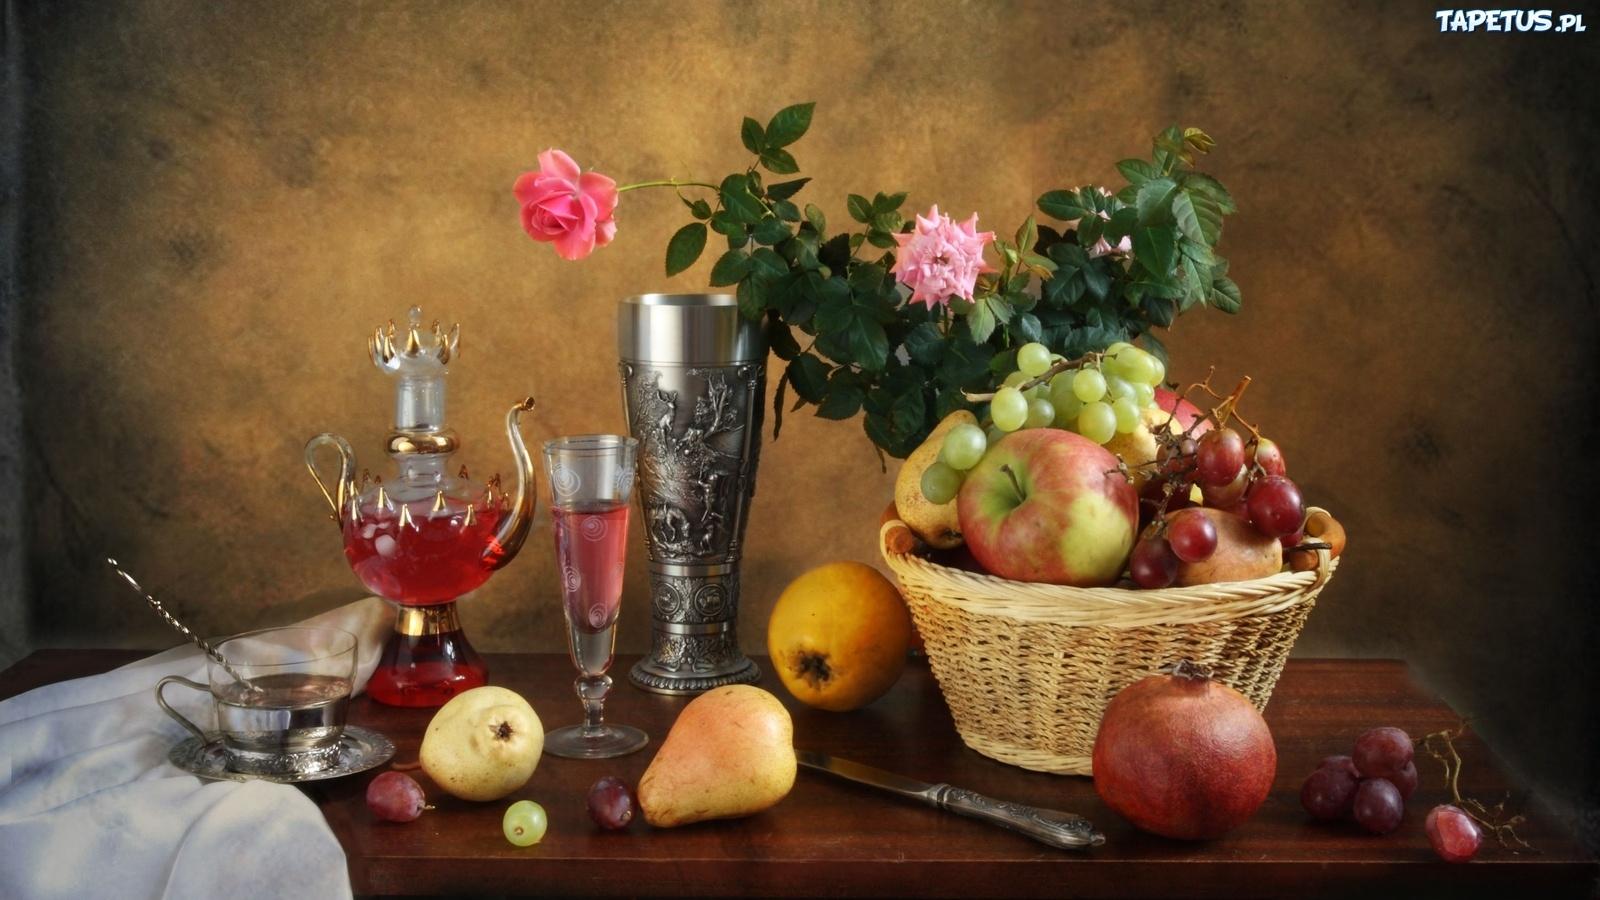 обои на рабочий стол натюрморт с цветами и фруктами № 226455 без смс